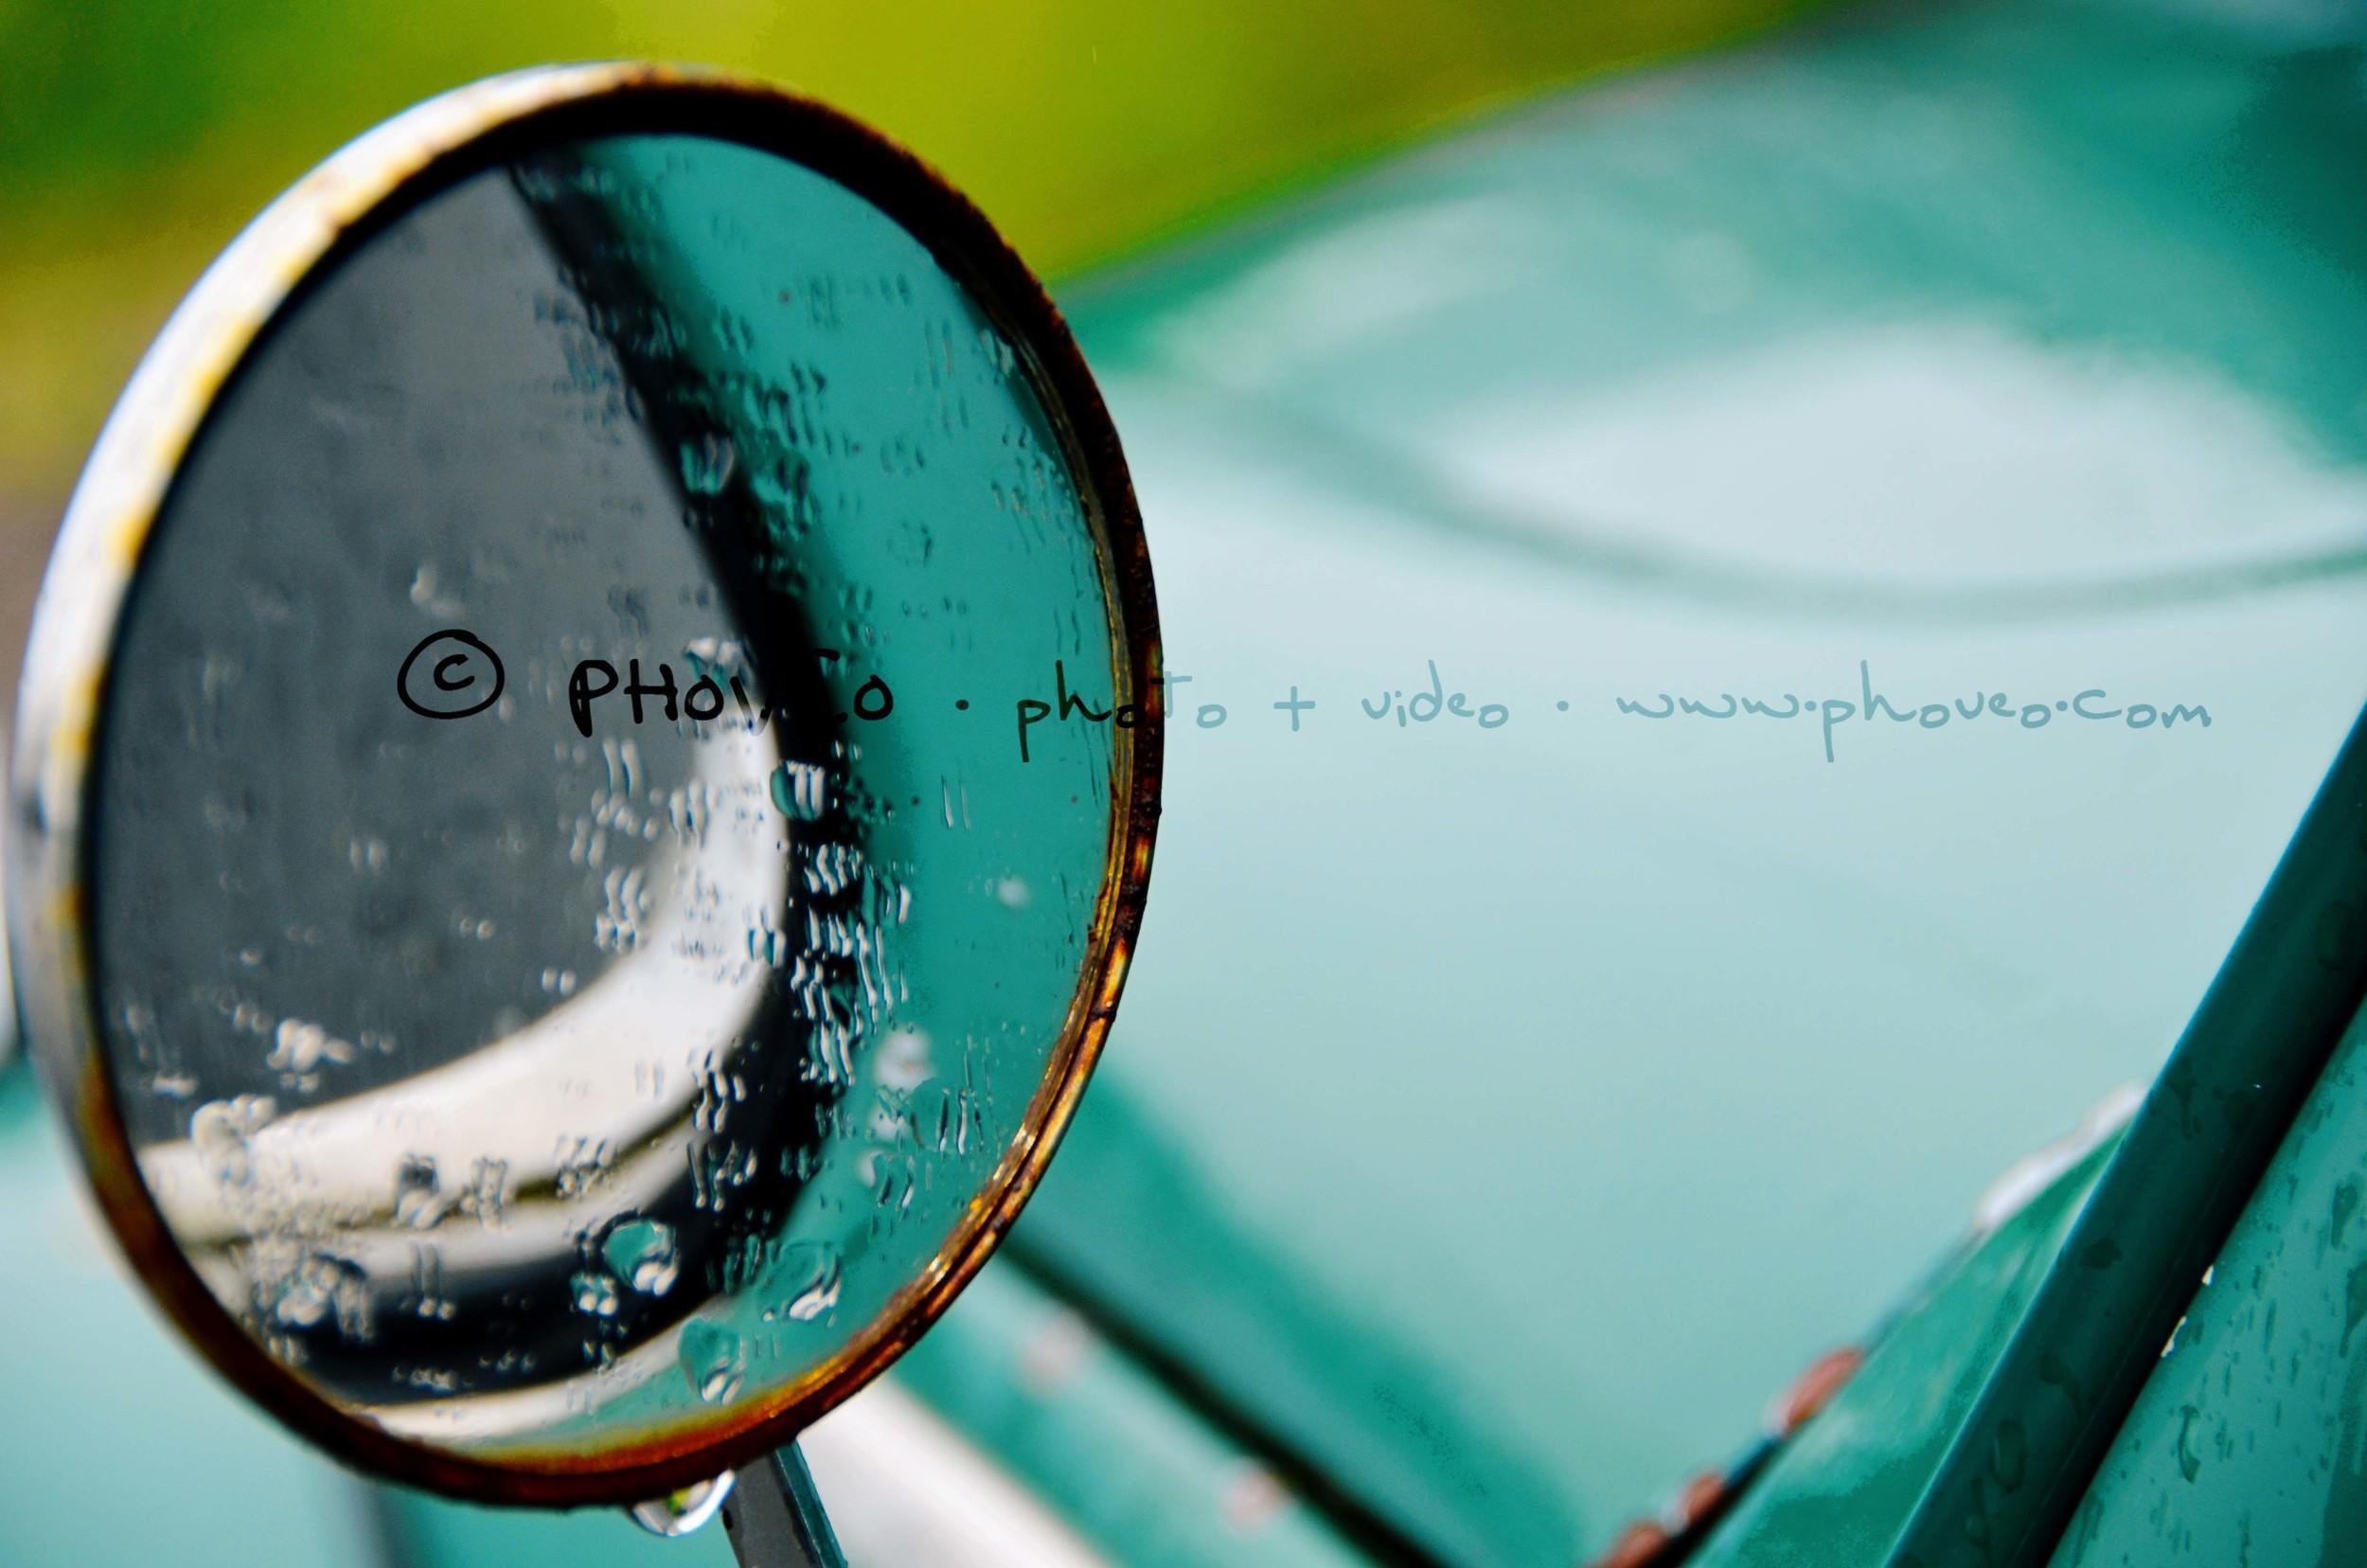 WM_fb53.jpg